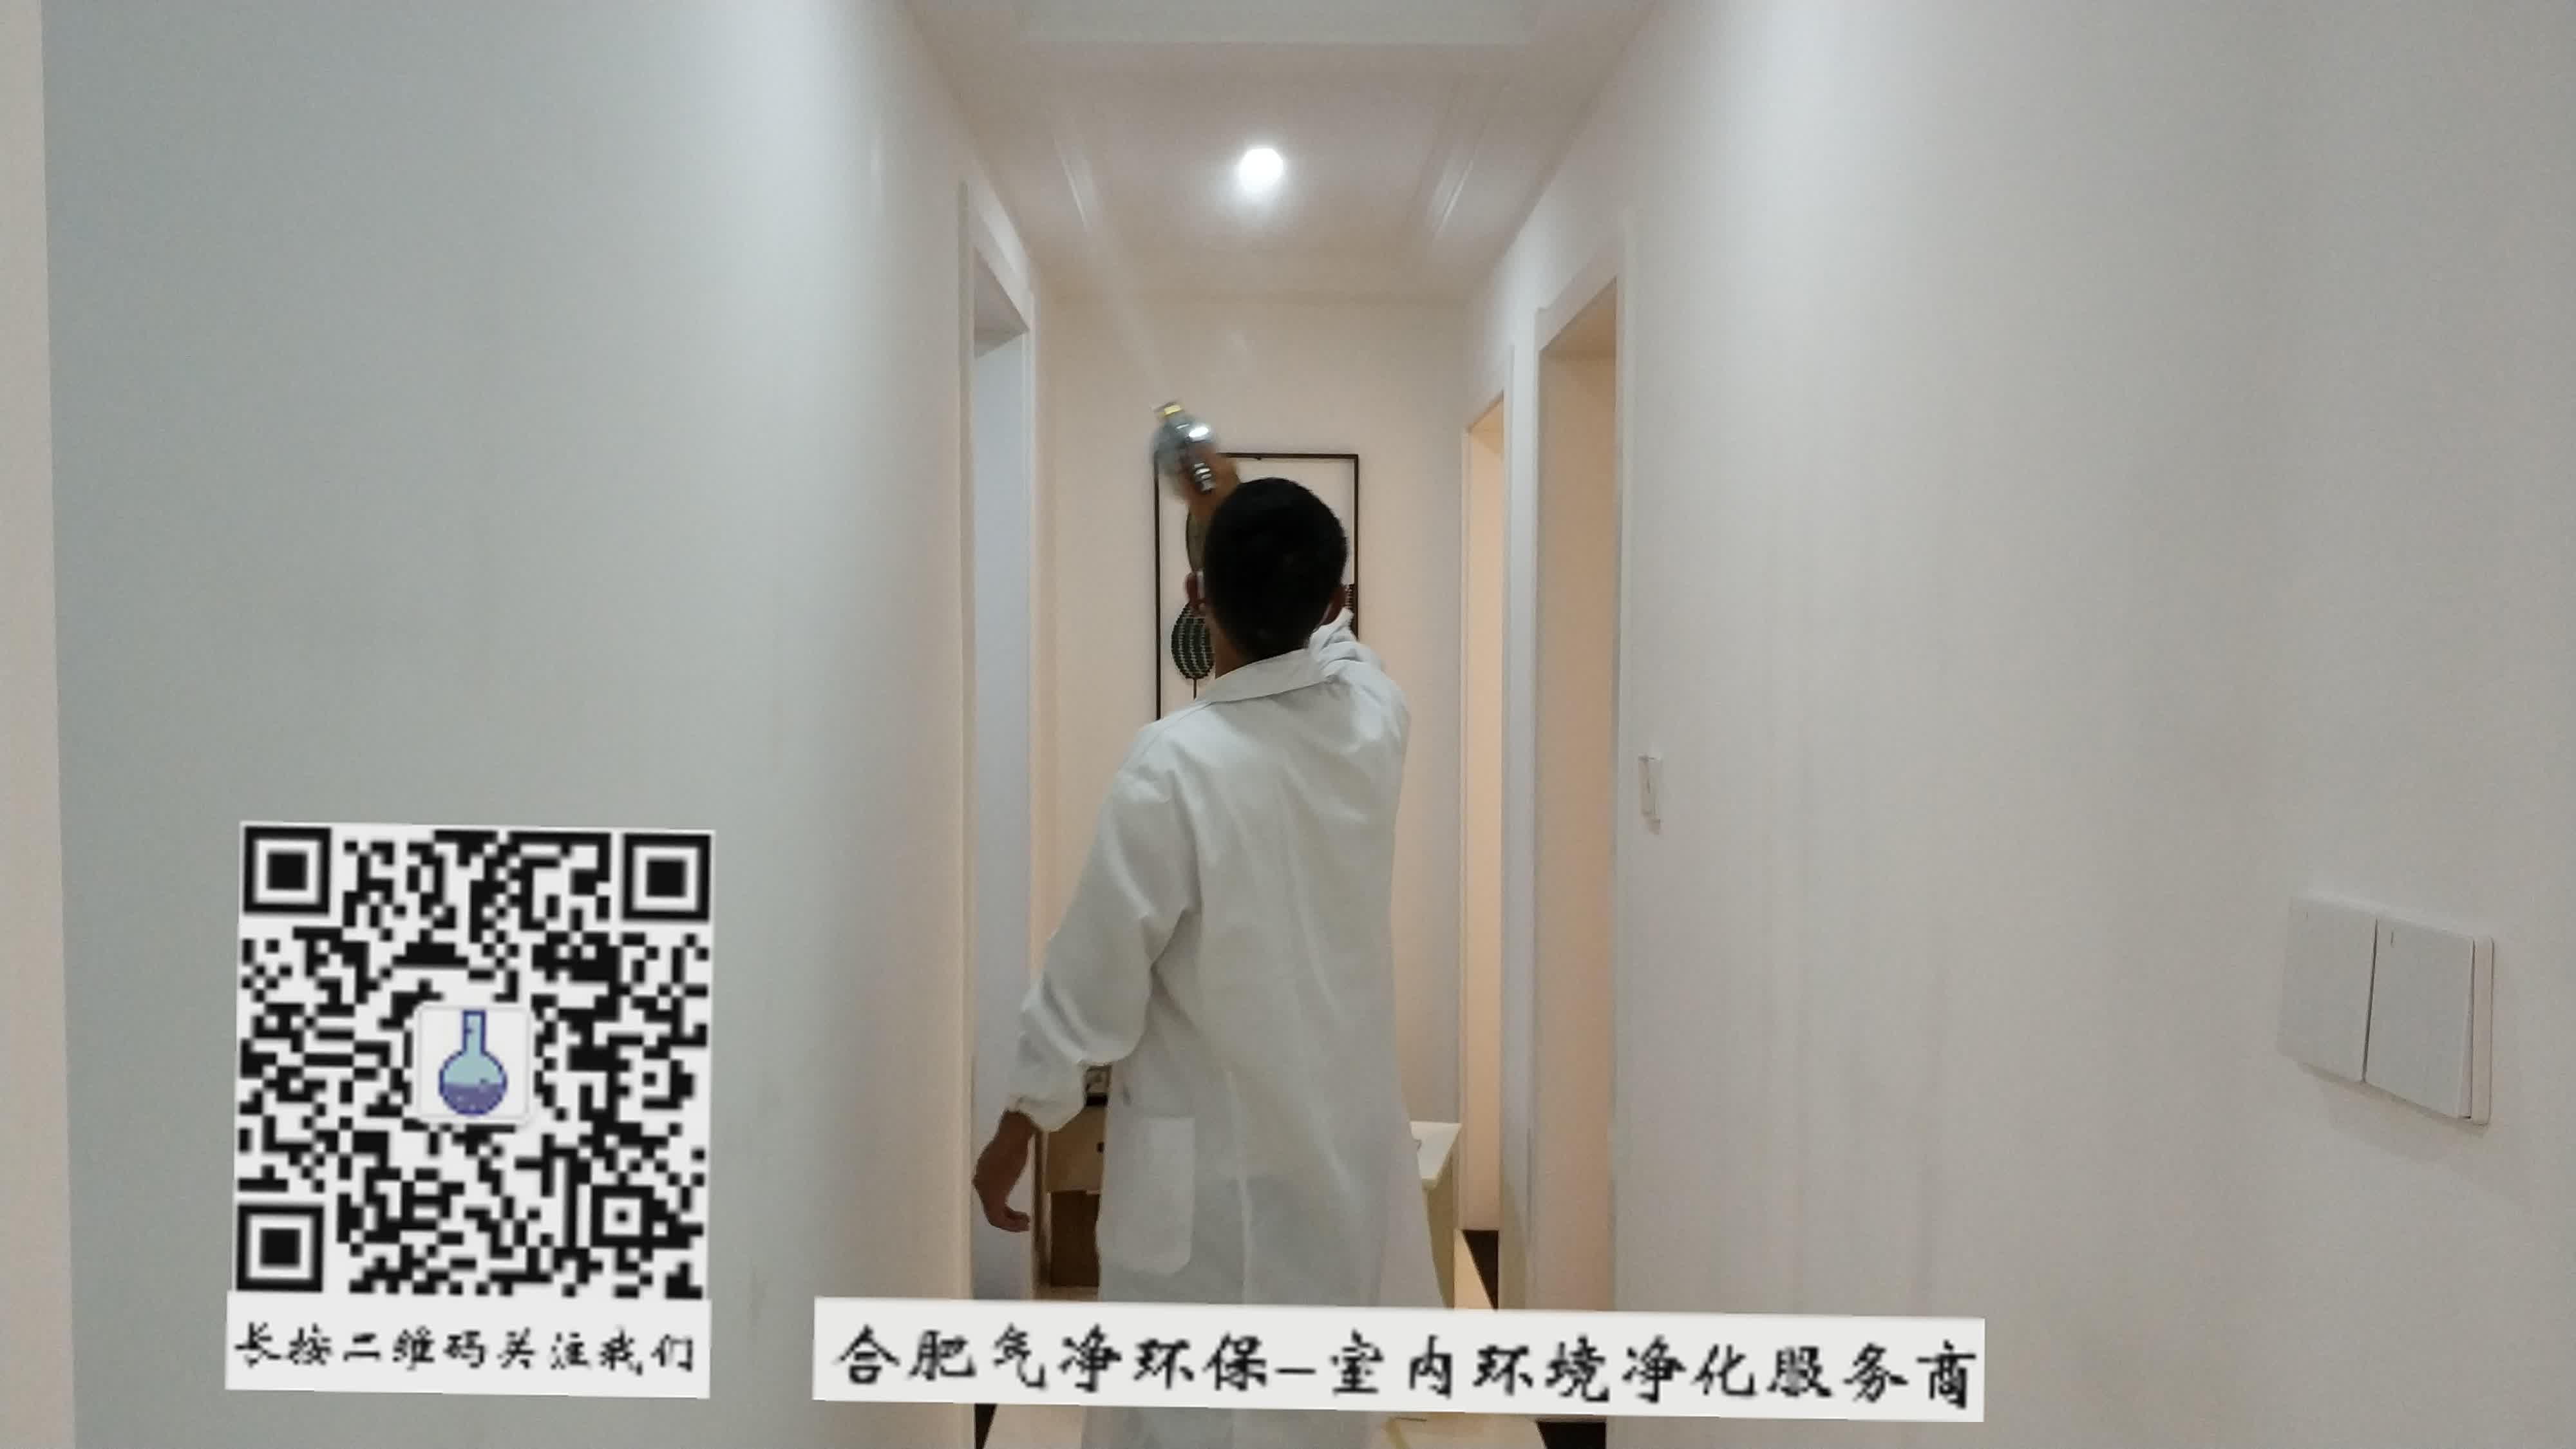 水印图片by水印王_20180803-135004366